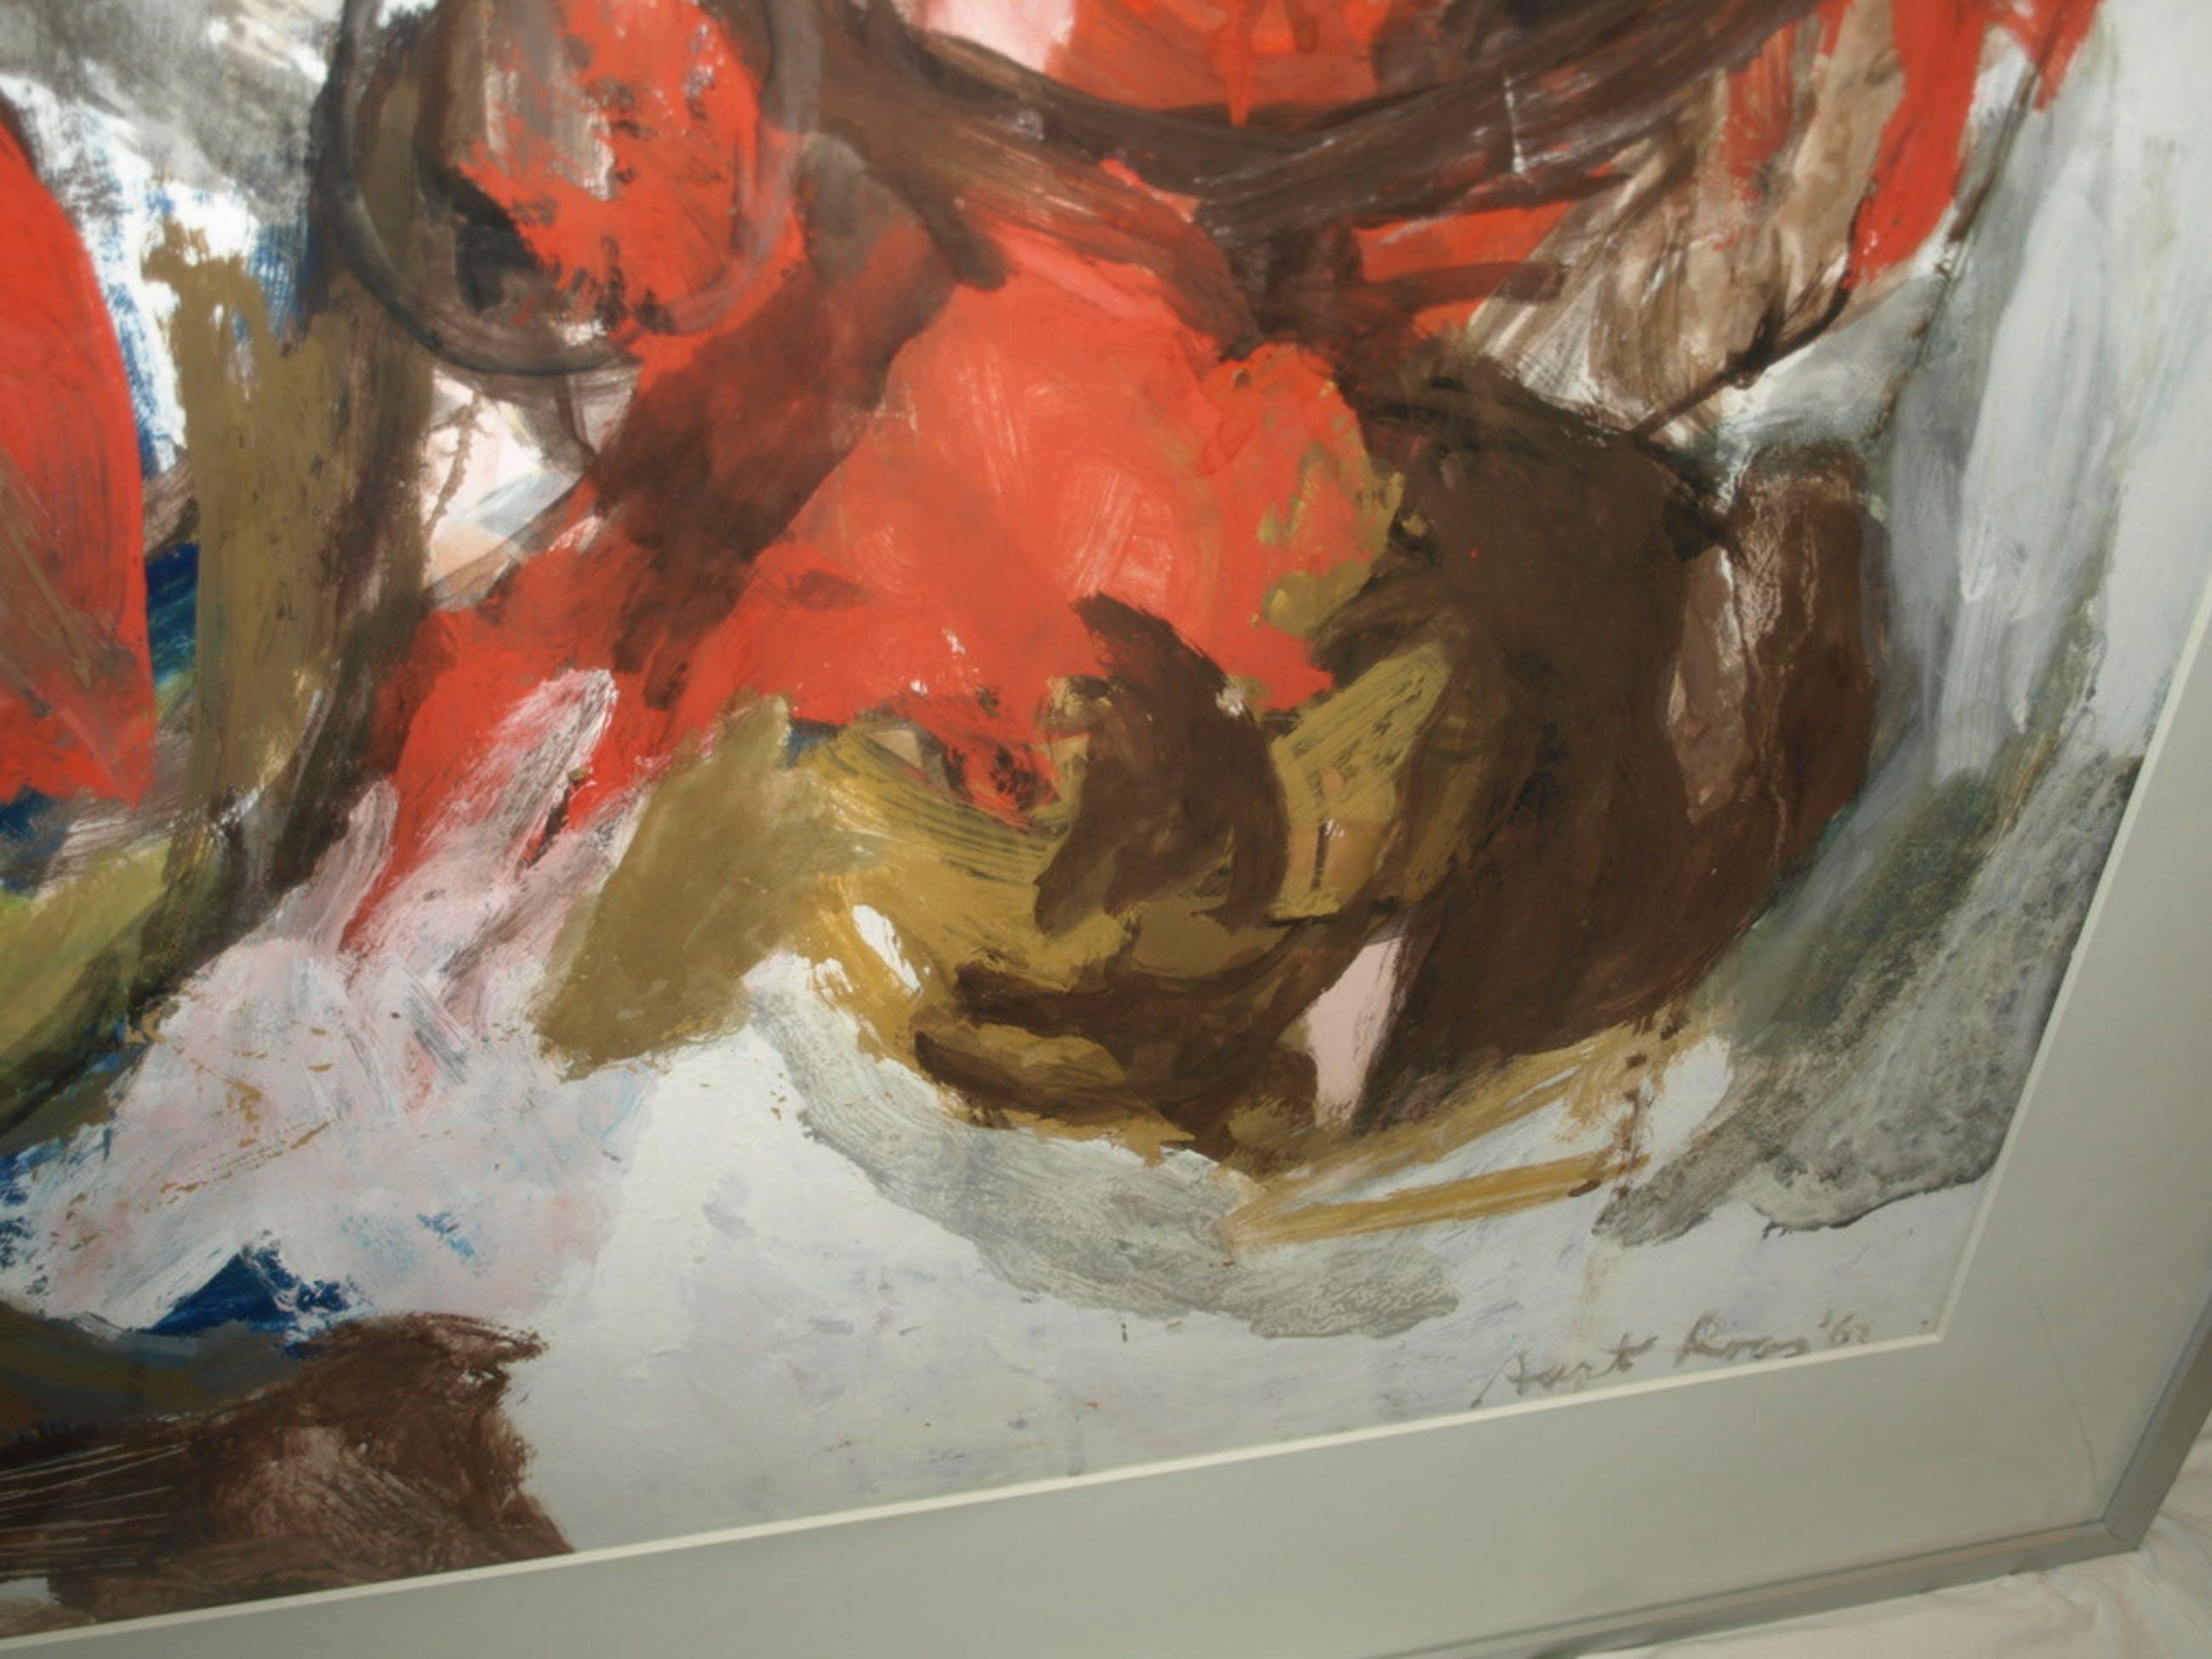 Aart Roos : Olieverf - ZÉÉR groot schilderij – Gesigneerd & ingelijst - 1962 kopen? Bied vanaf 1!